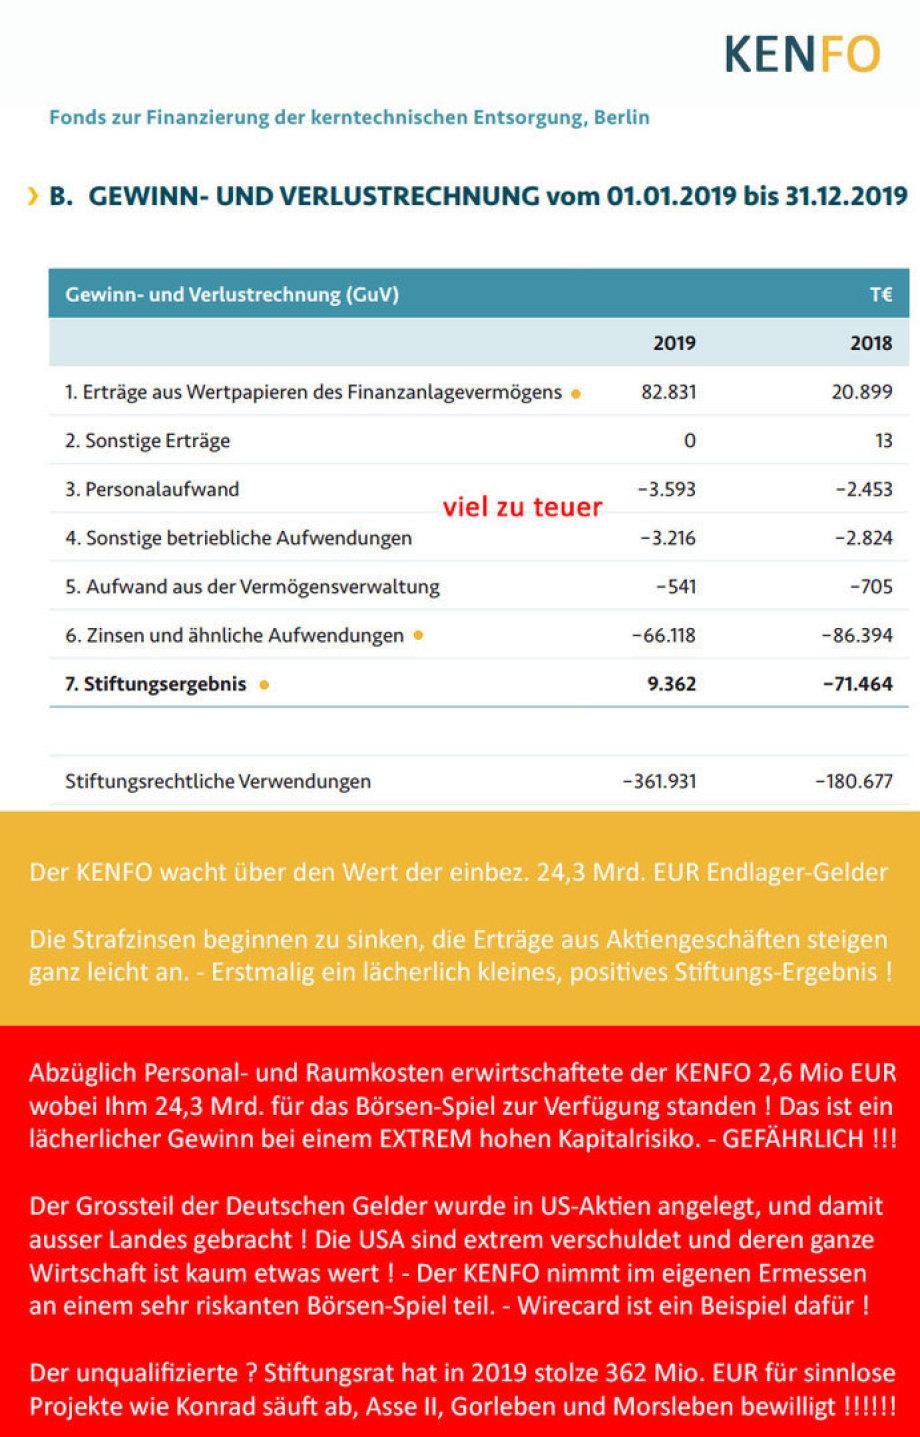 G+V Kenfo 2019 - Der KENFO wacht über den Wert der einbez. 24,3 Mrd. EUR Endlager-Gelder  Die Strafzinsen beginnen zu sinken, die Erträge aus Aktiengeschäften steigen ganz leicht an. - Erstmalig ein lächerlich kleines, positives Stifungs-Ergebnis !   Abzü